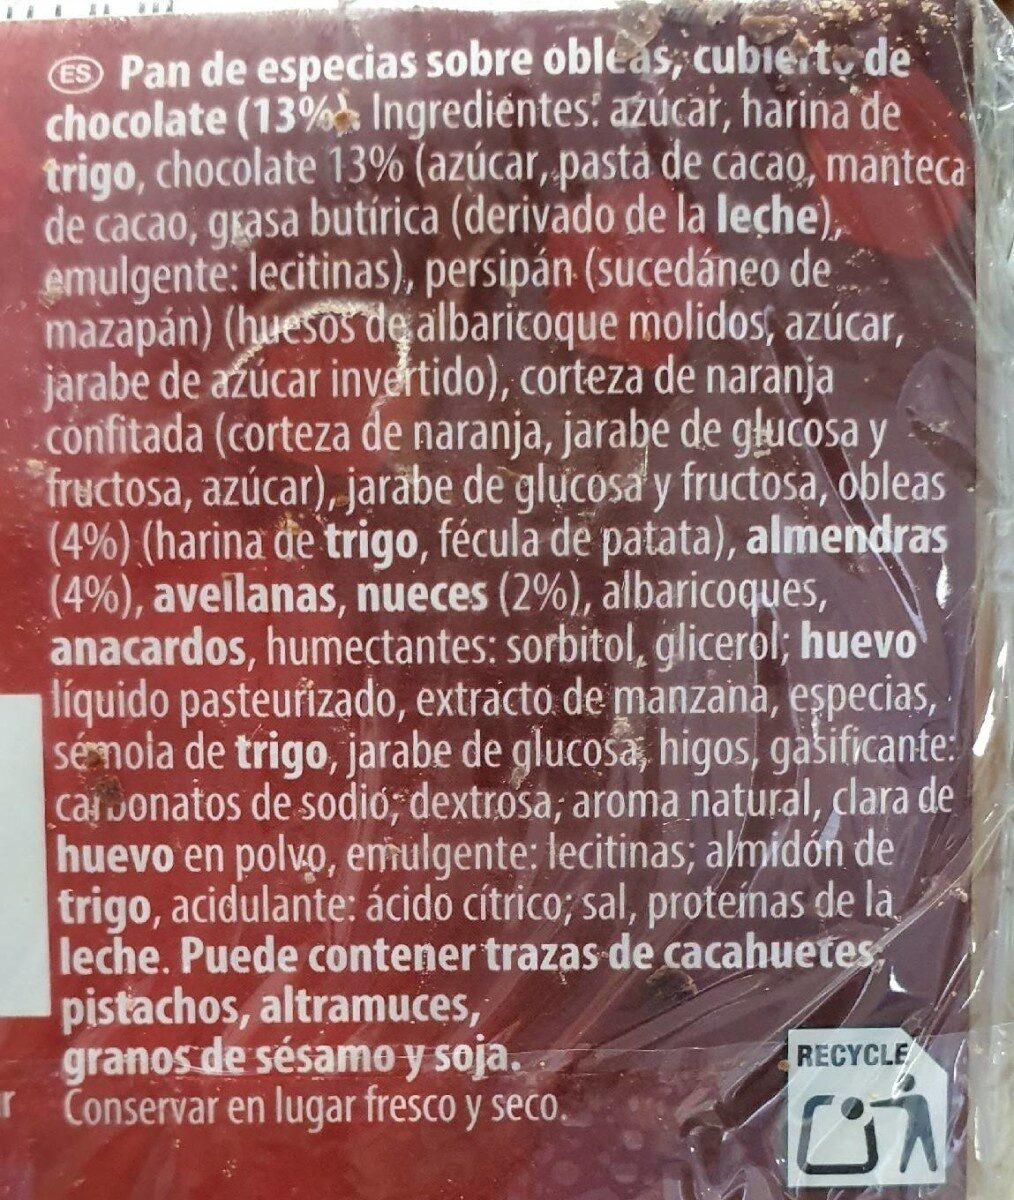 Pan de especias sobre obleas cubierto de chocolate - Nutrition facts - en